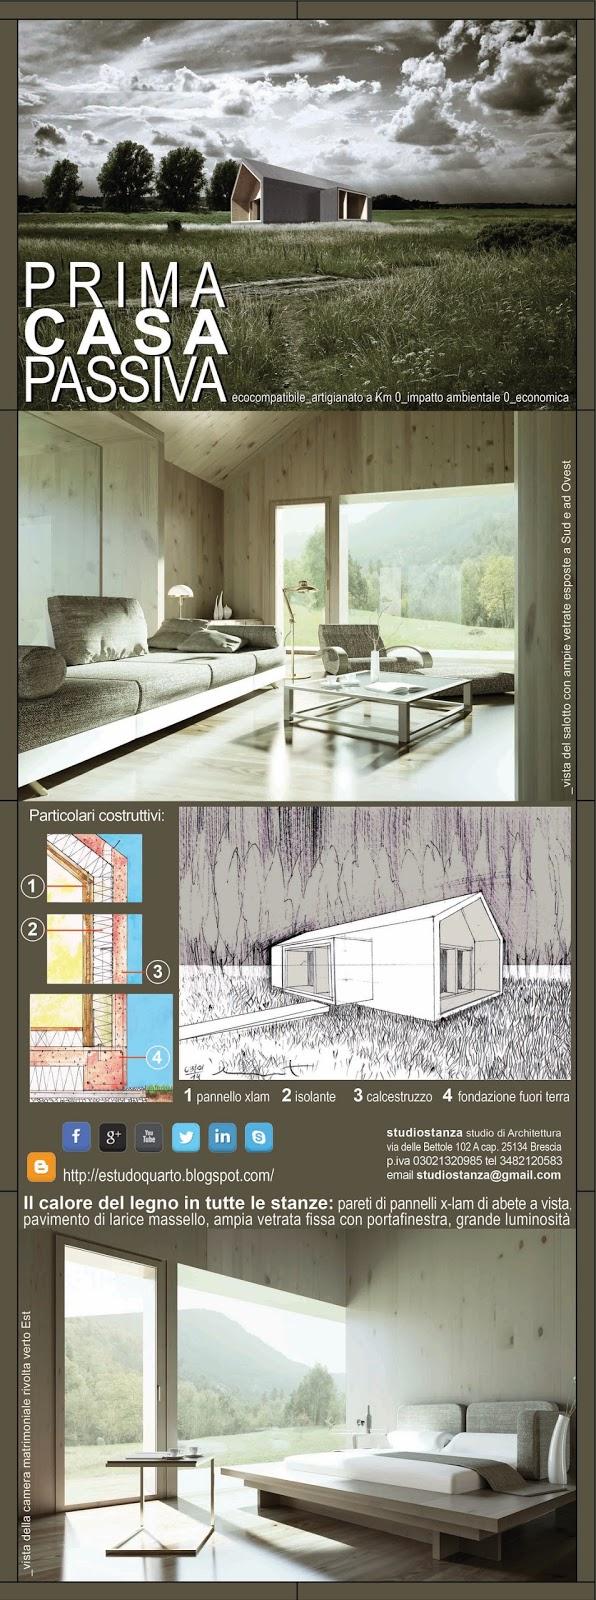 Prima Casa Passiva esempi di interni